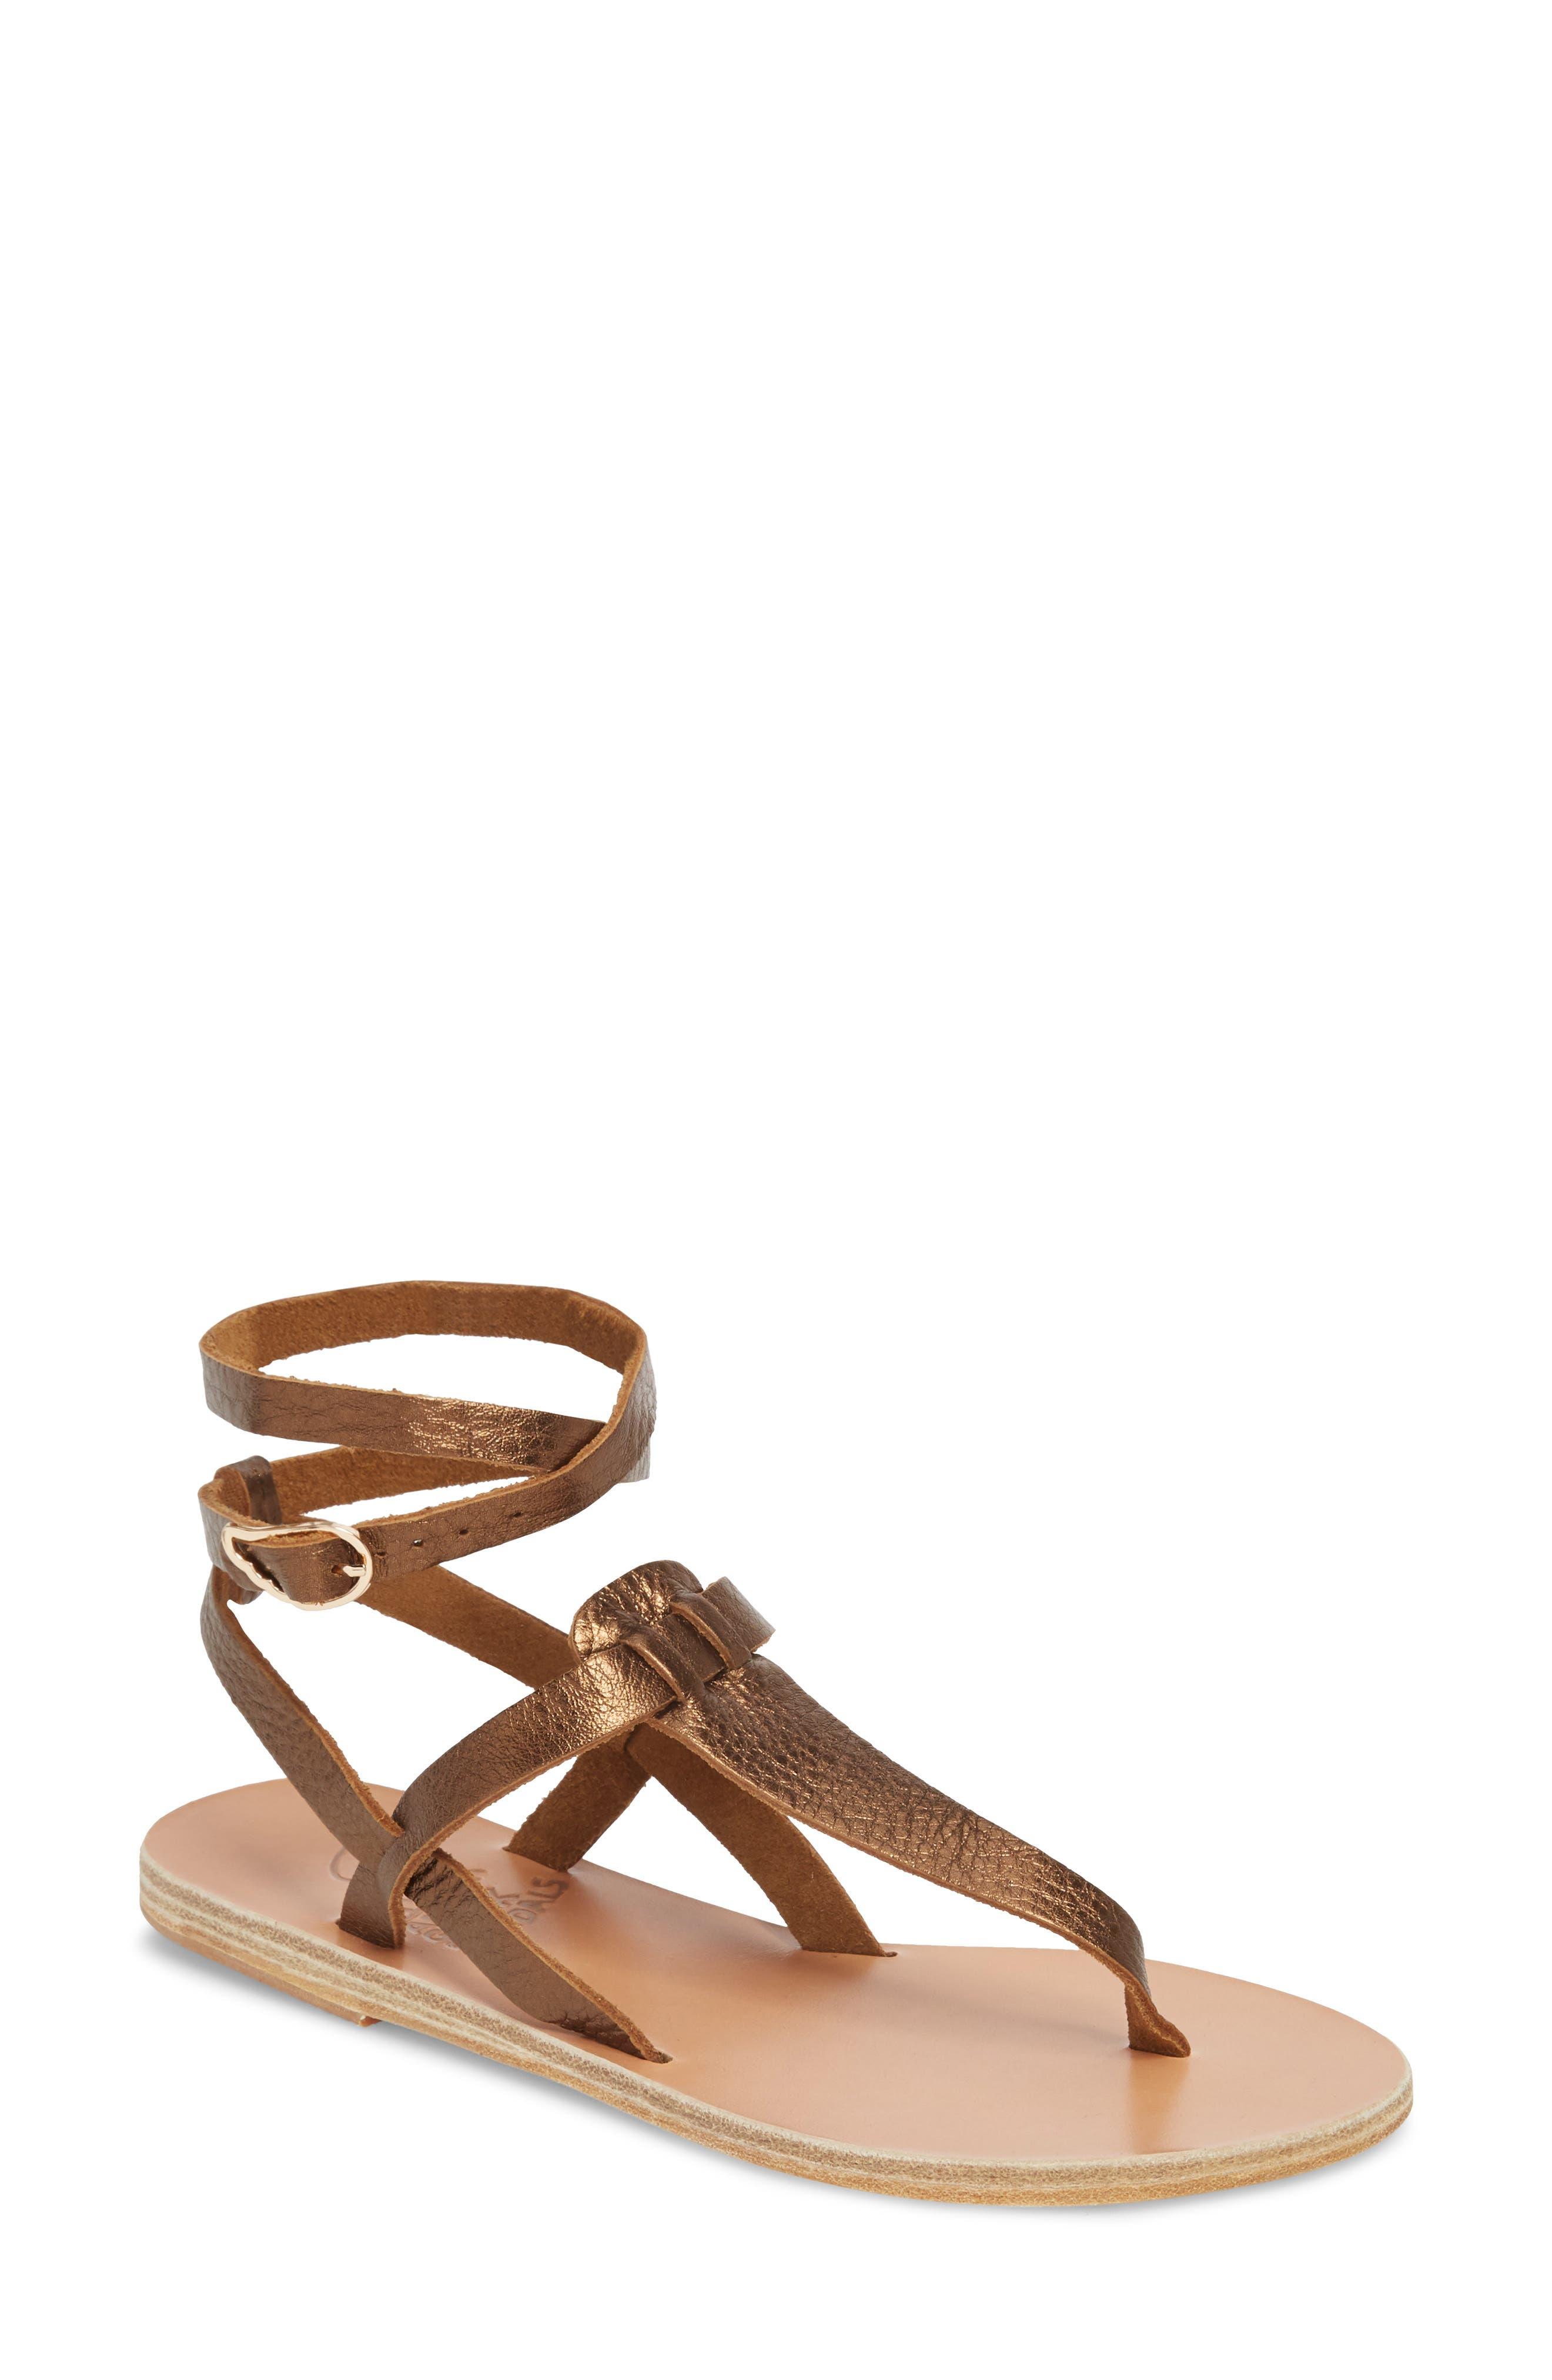 Estia Ankle Wrap Sandal,                             Main thumbnail 1, color,                             Bronze/ Cocco